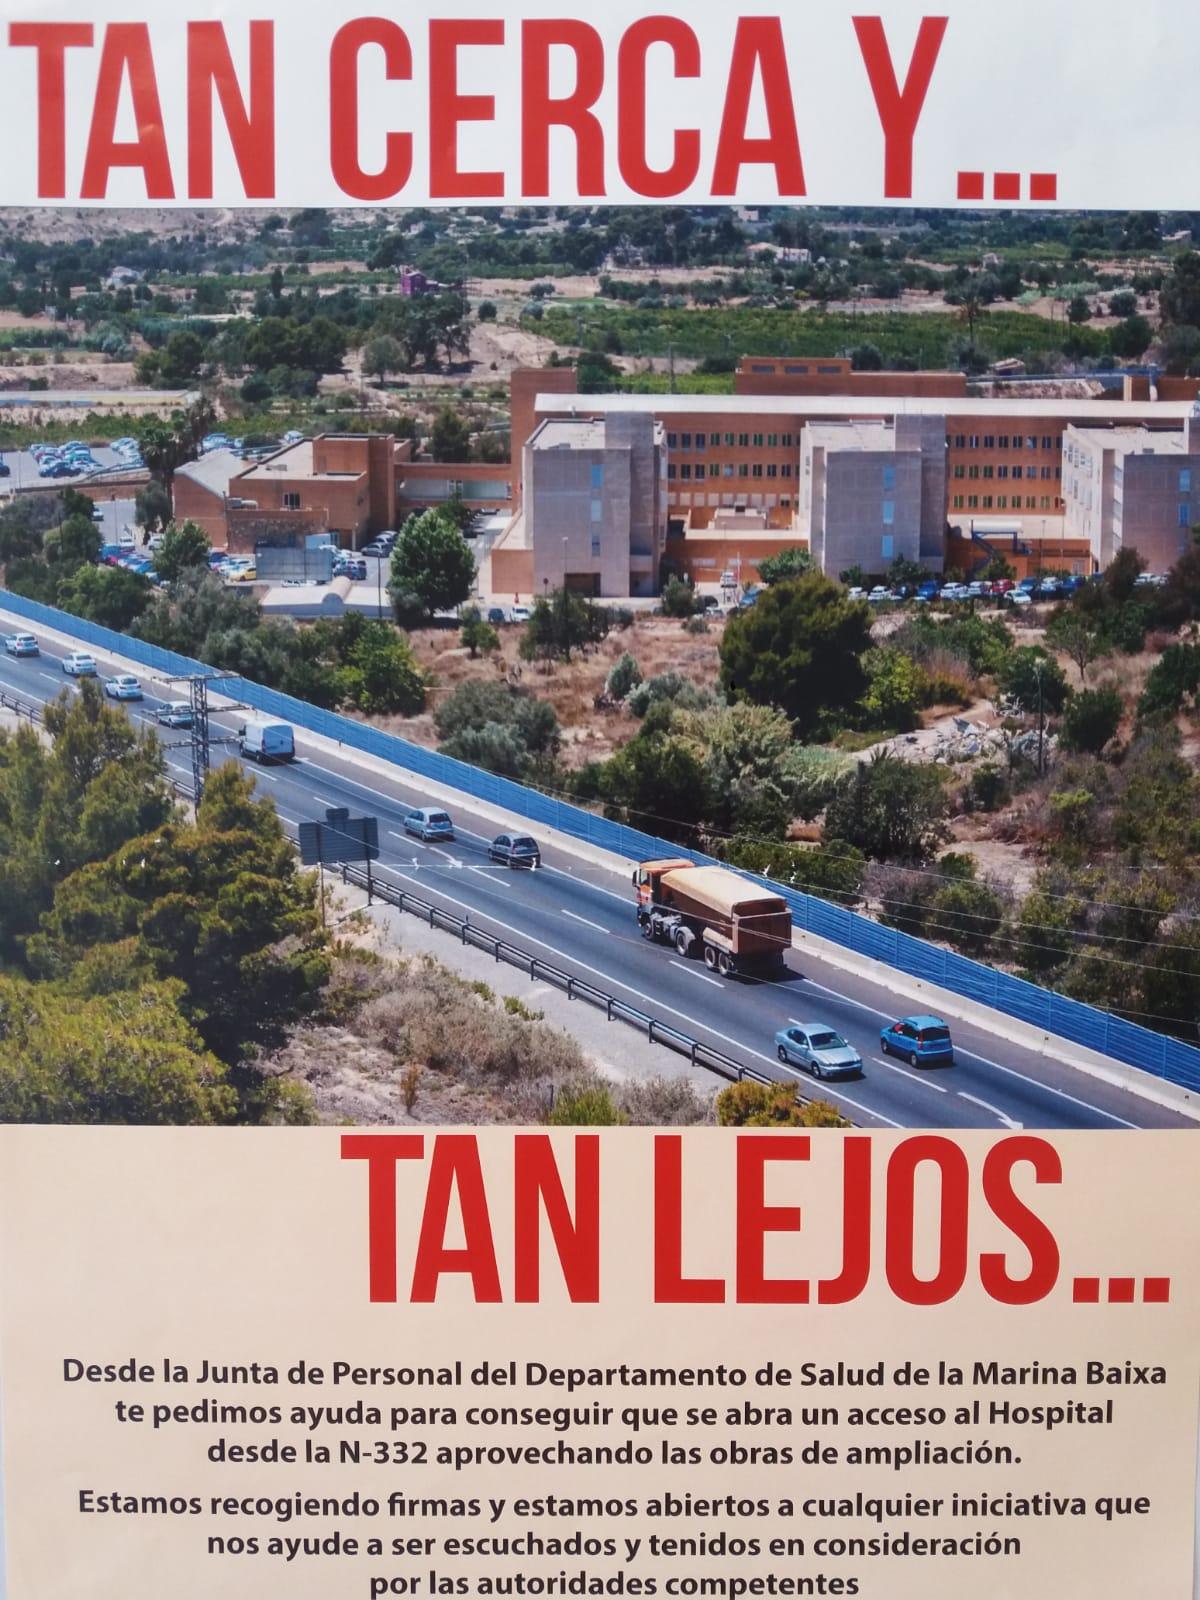 L'Alfàs se adhiere a la propuesta para pedir un nuevo acceso al Hospital Marina Baixa desde la N-332